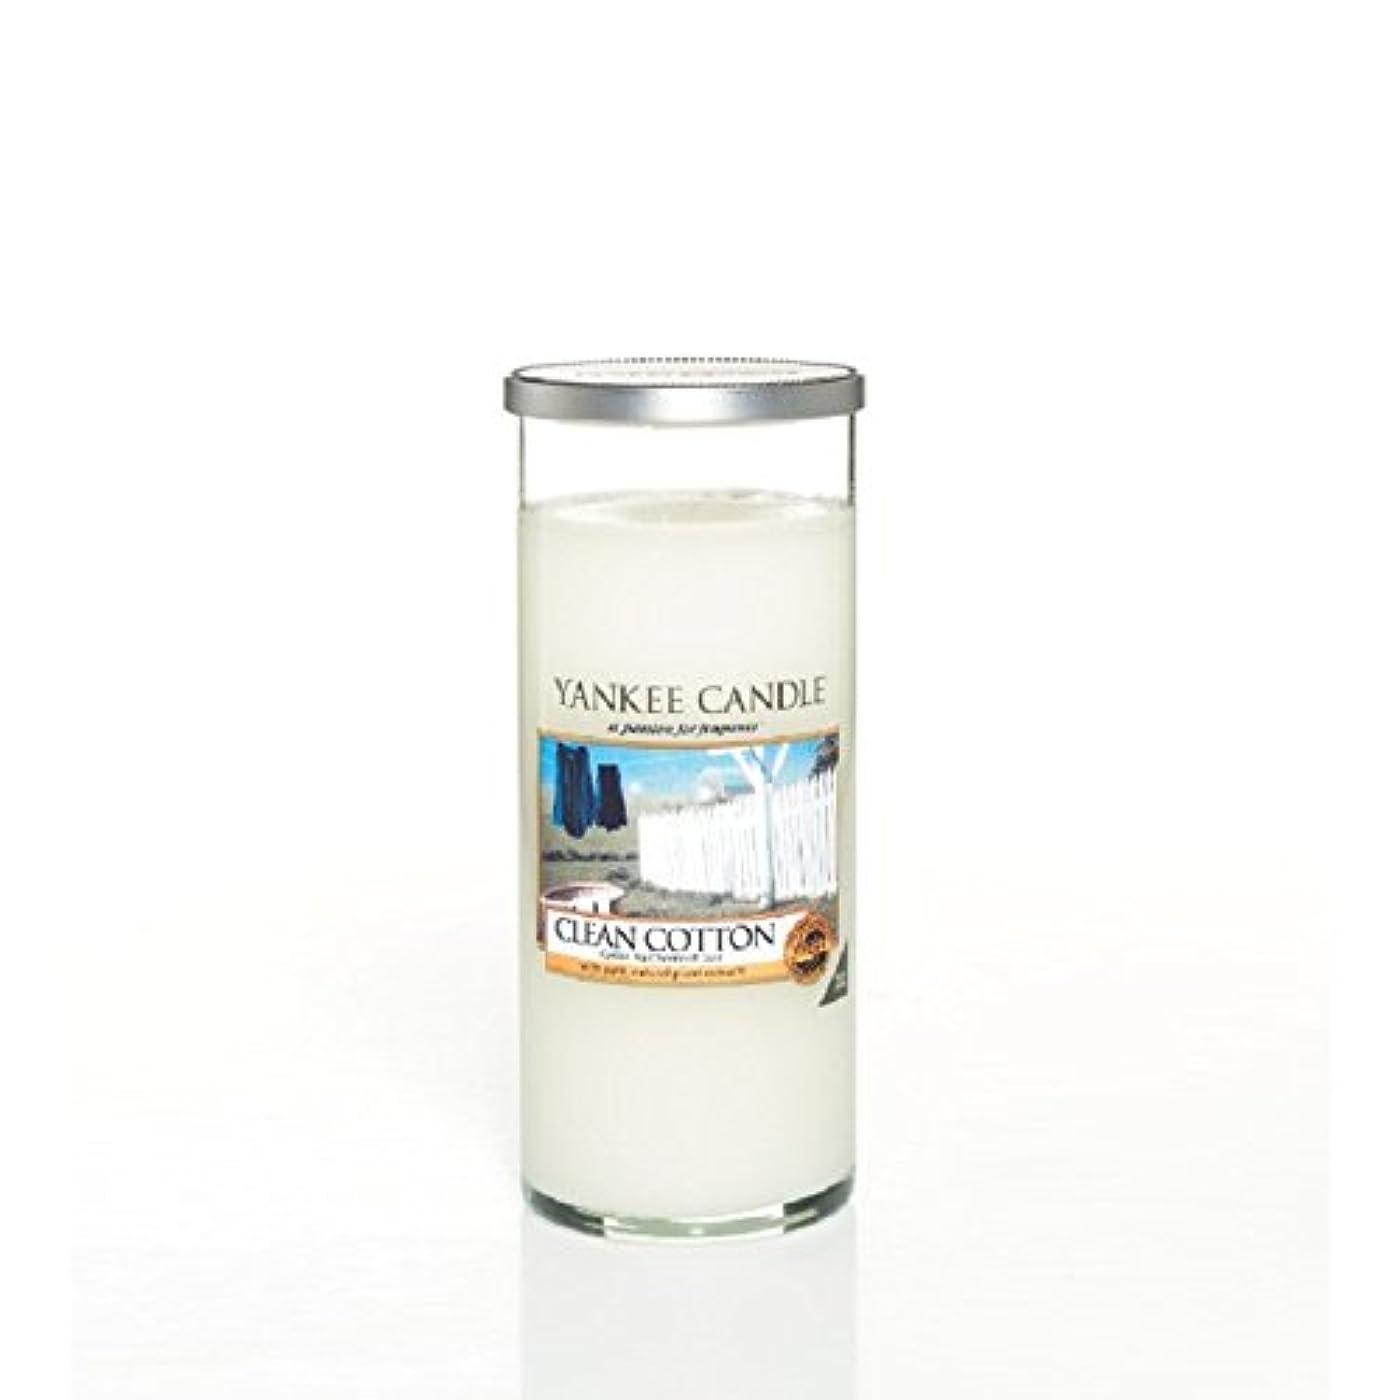 インカ帝国警戒自動化Yankee Candles Large Pillar Candle - Clean Cotton (Pack of 2) - ヤンキーキャンドル大きな柱キャンドル - きれいな綿 (x2) [並行輸入品]